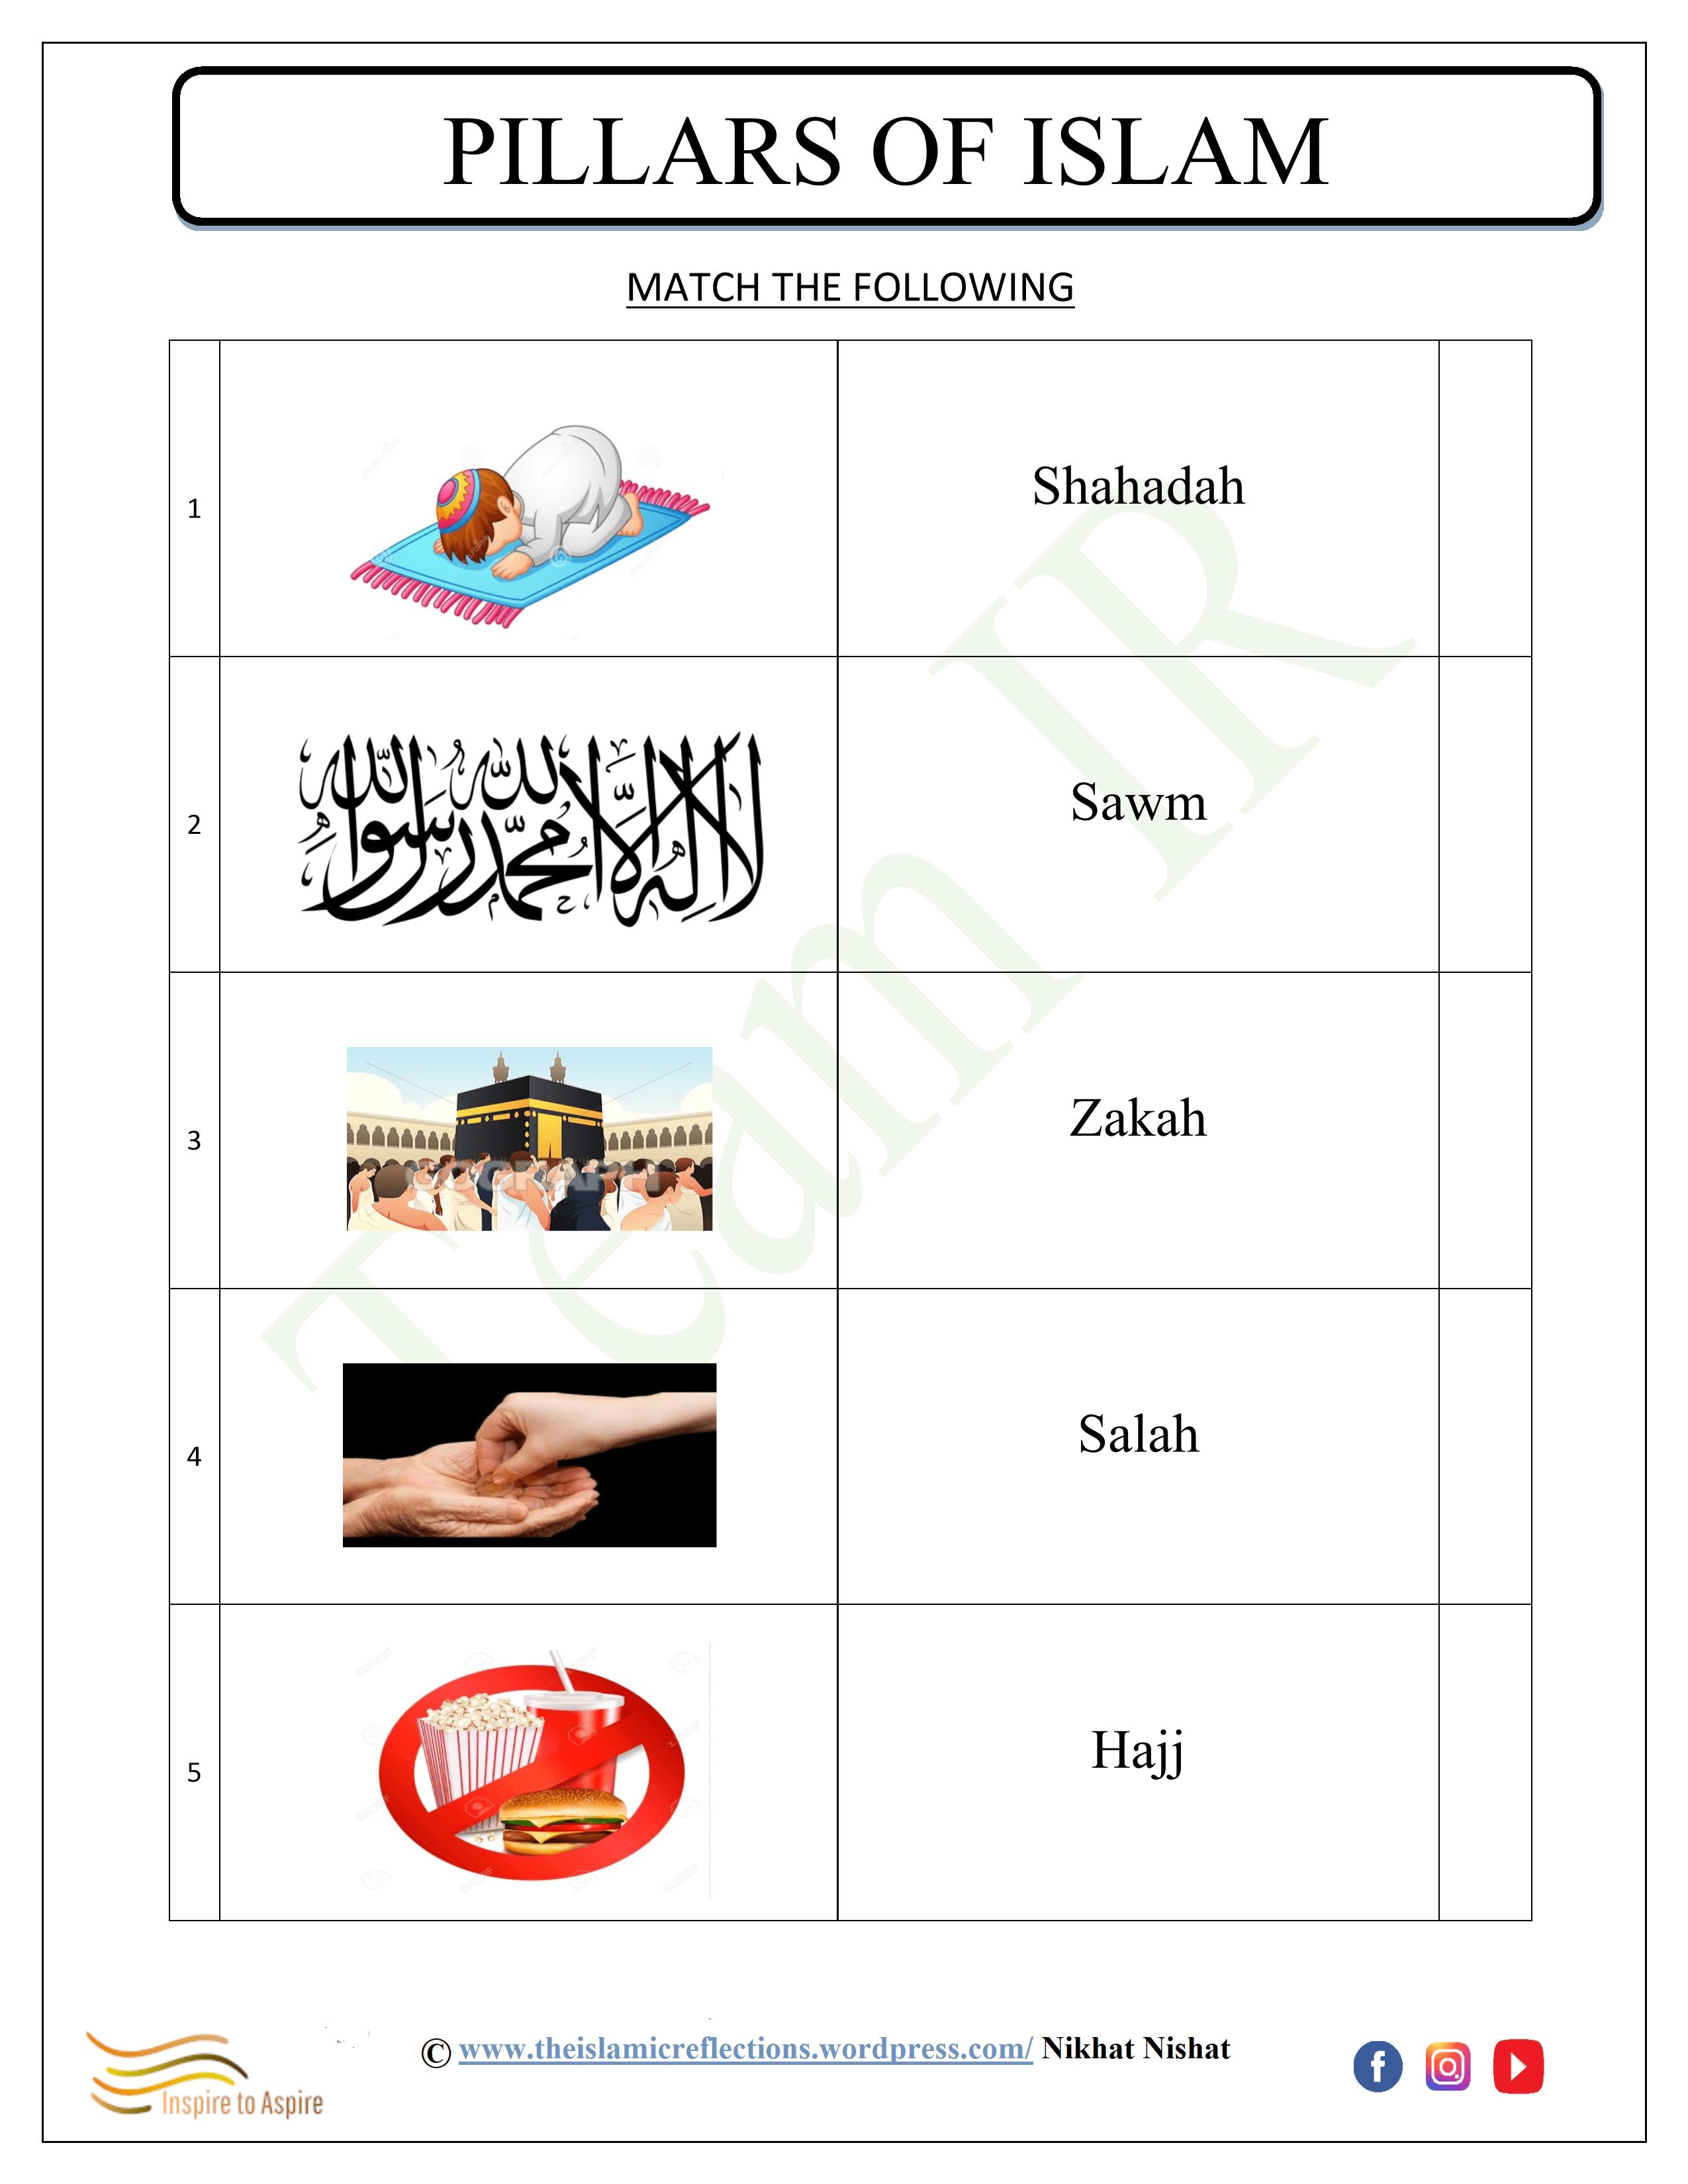 Pillars Of Islam 5 7